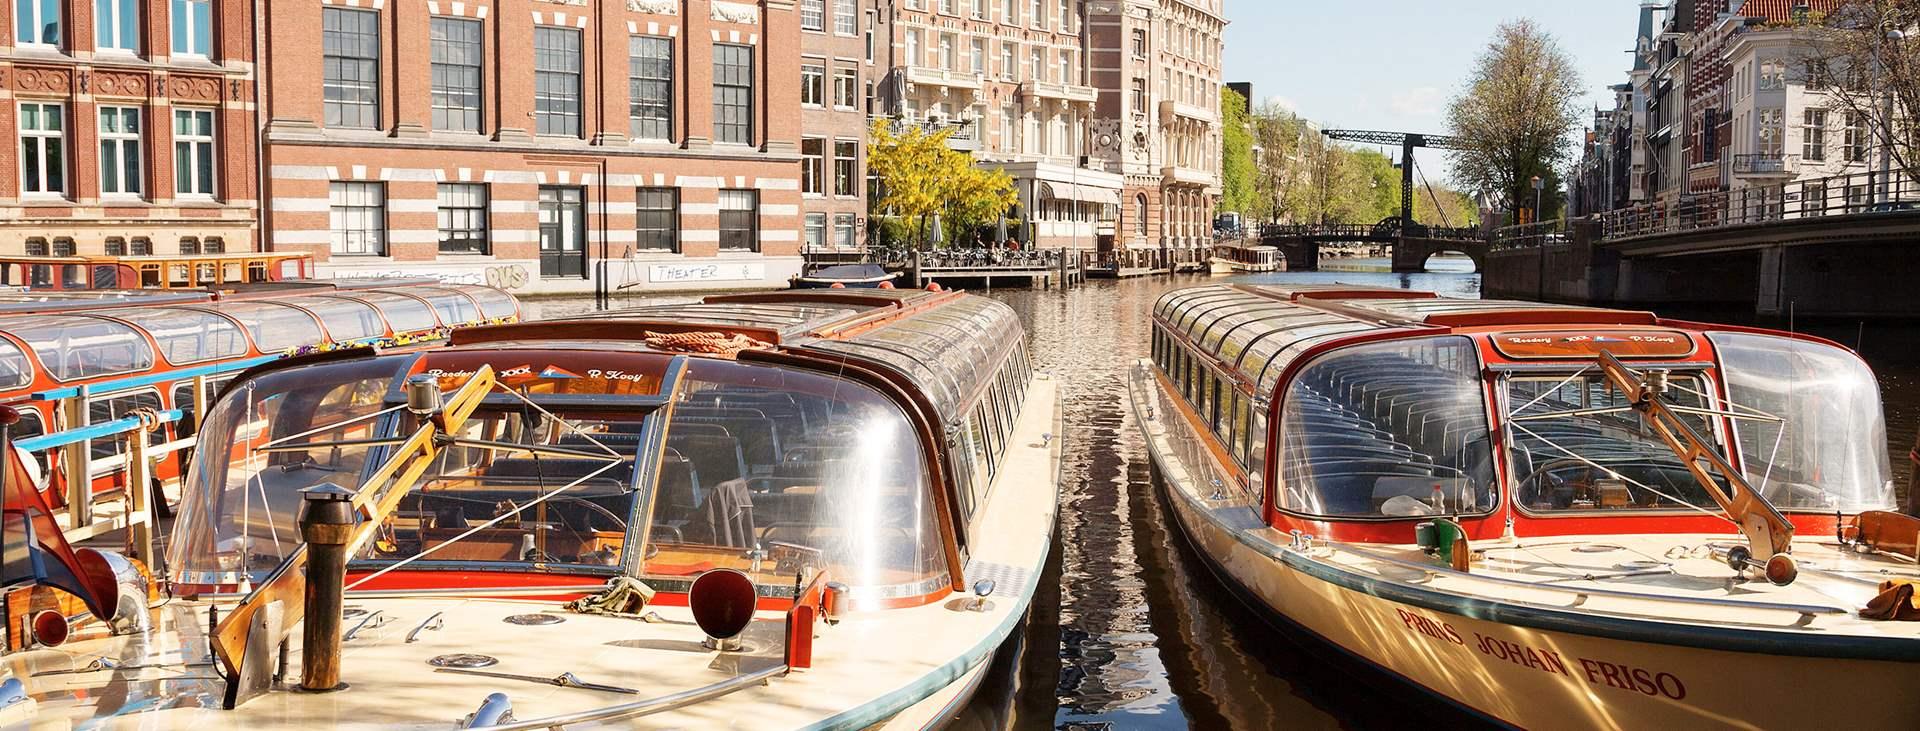 Boka en weekend till Nederländerna med flyg och hotell